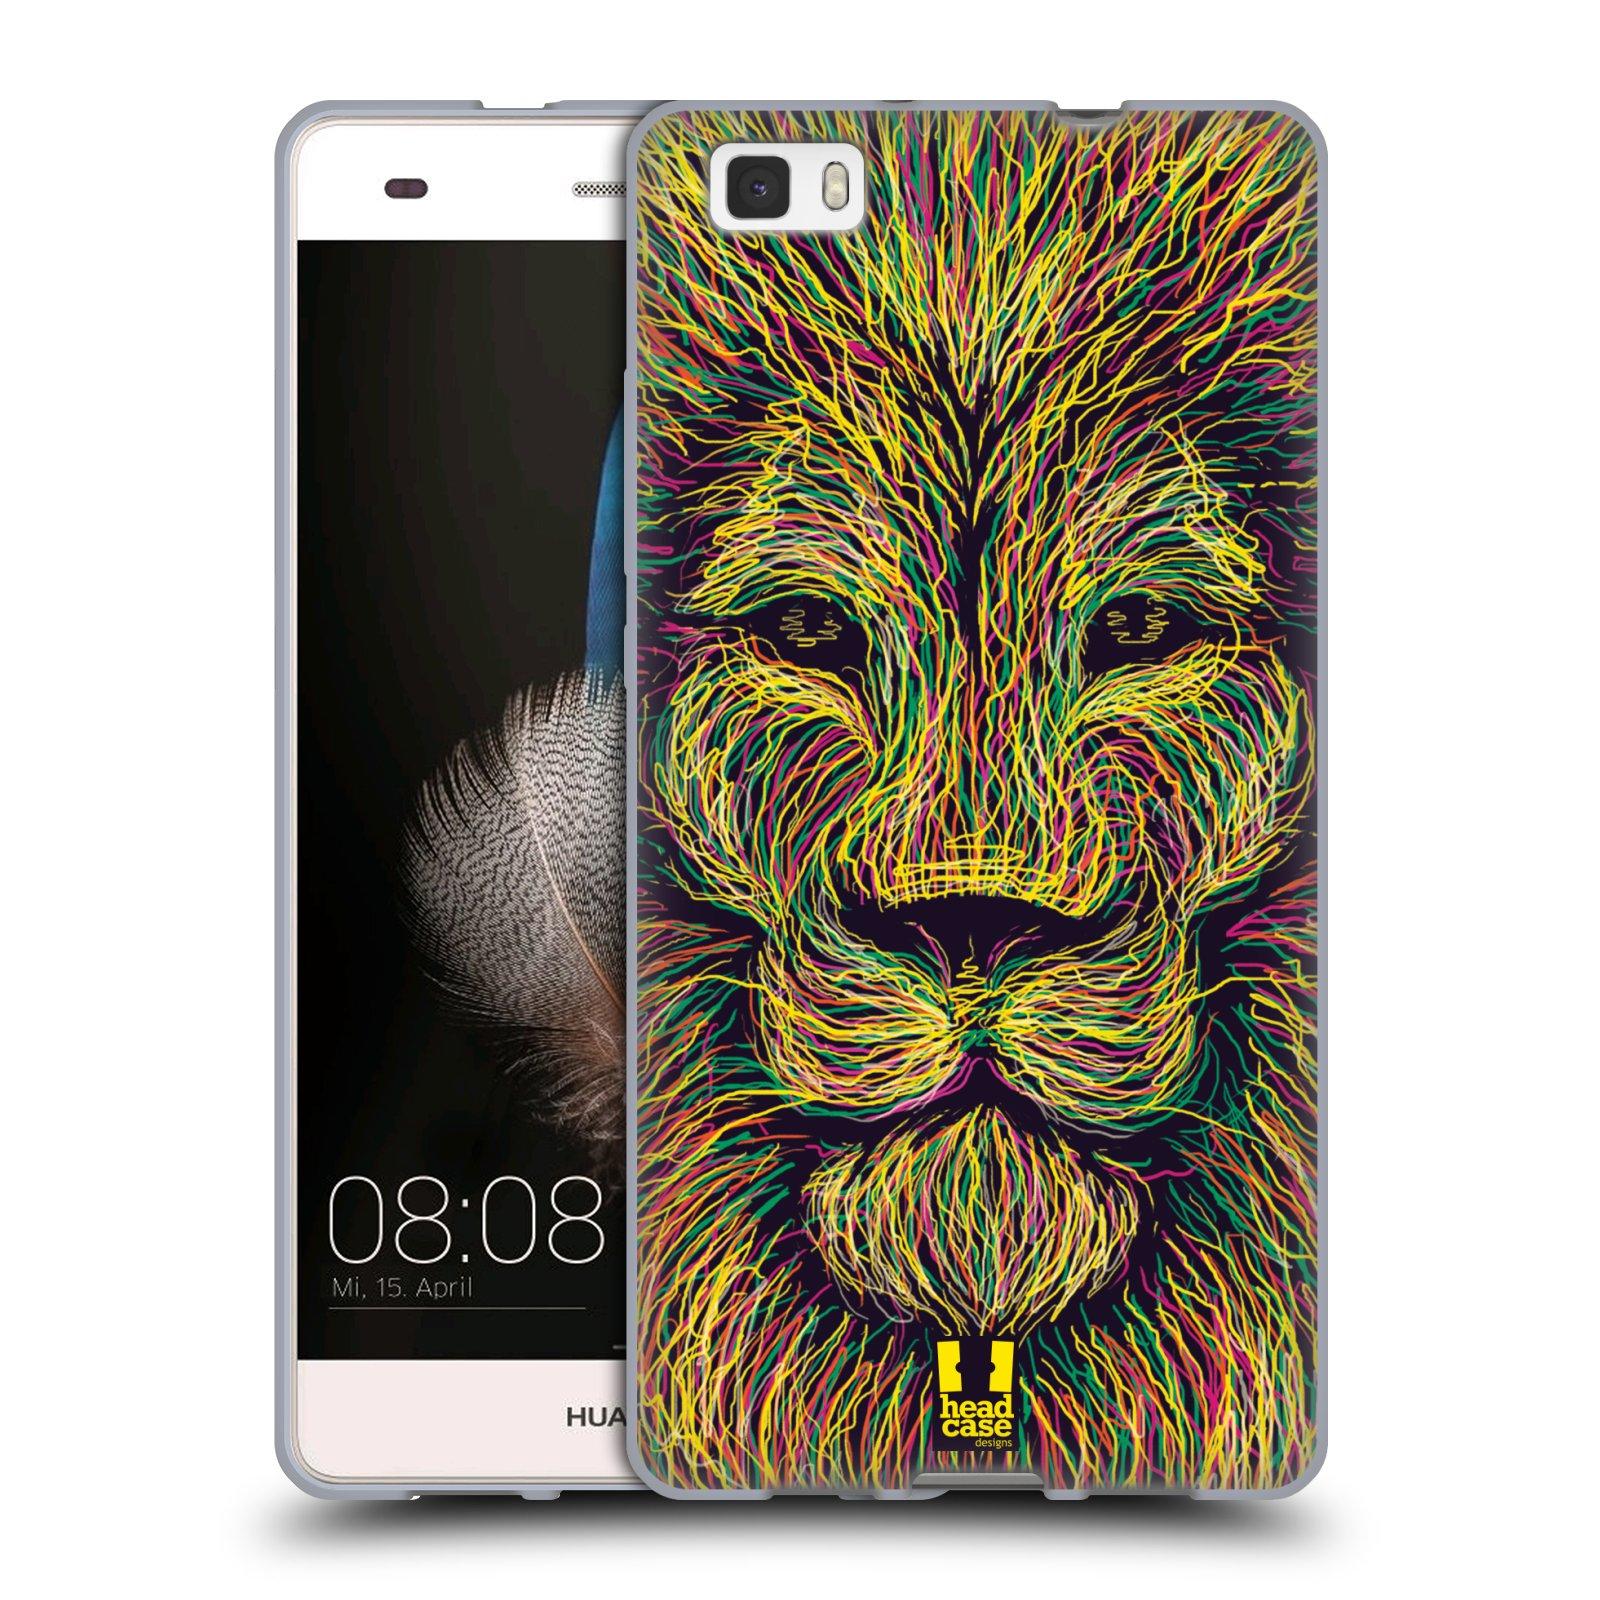 HEAD CASE silikonový obal na mobil HUAWEI P8 LITE vzor zvíře čmáranice lev